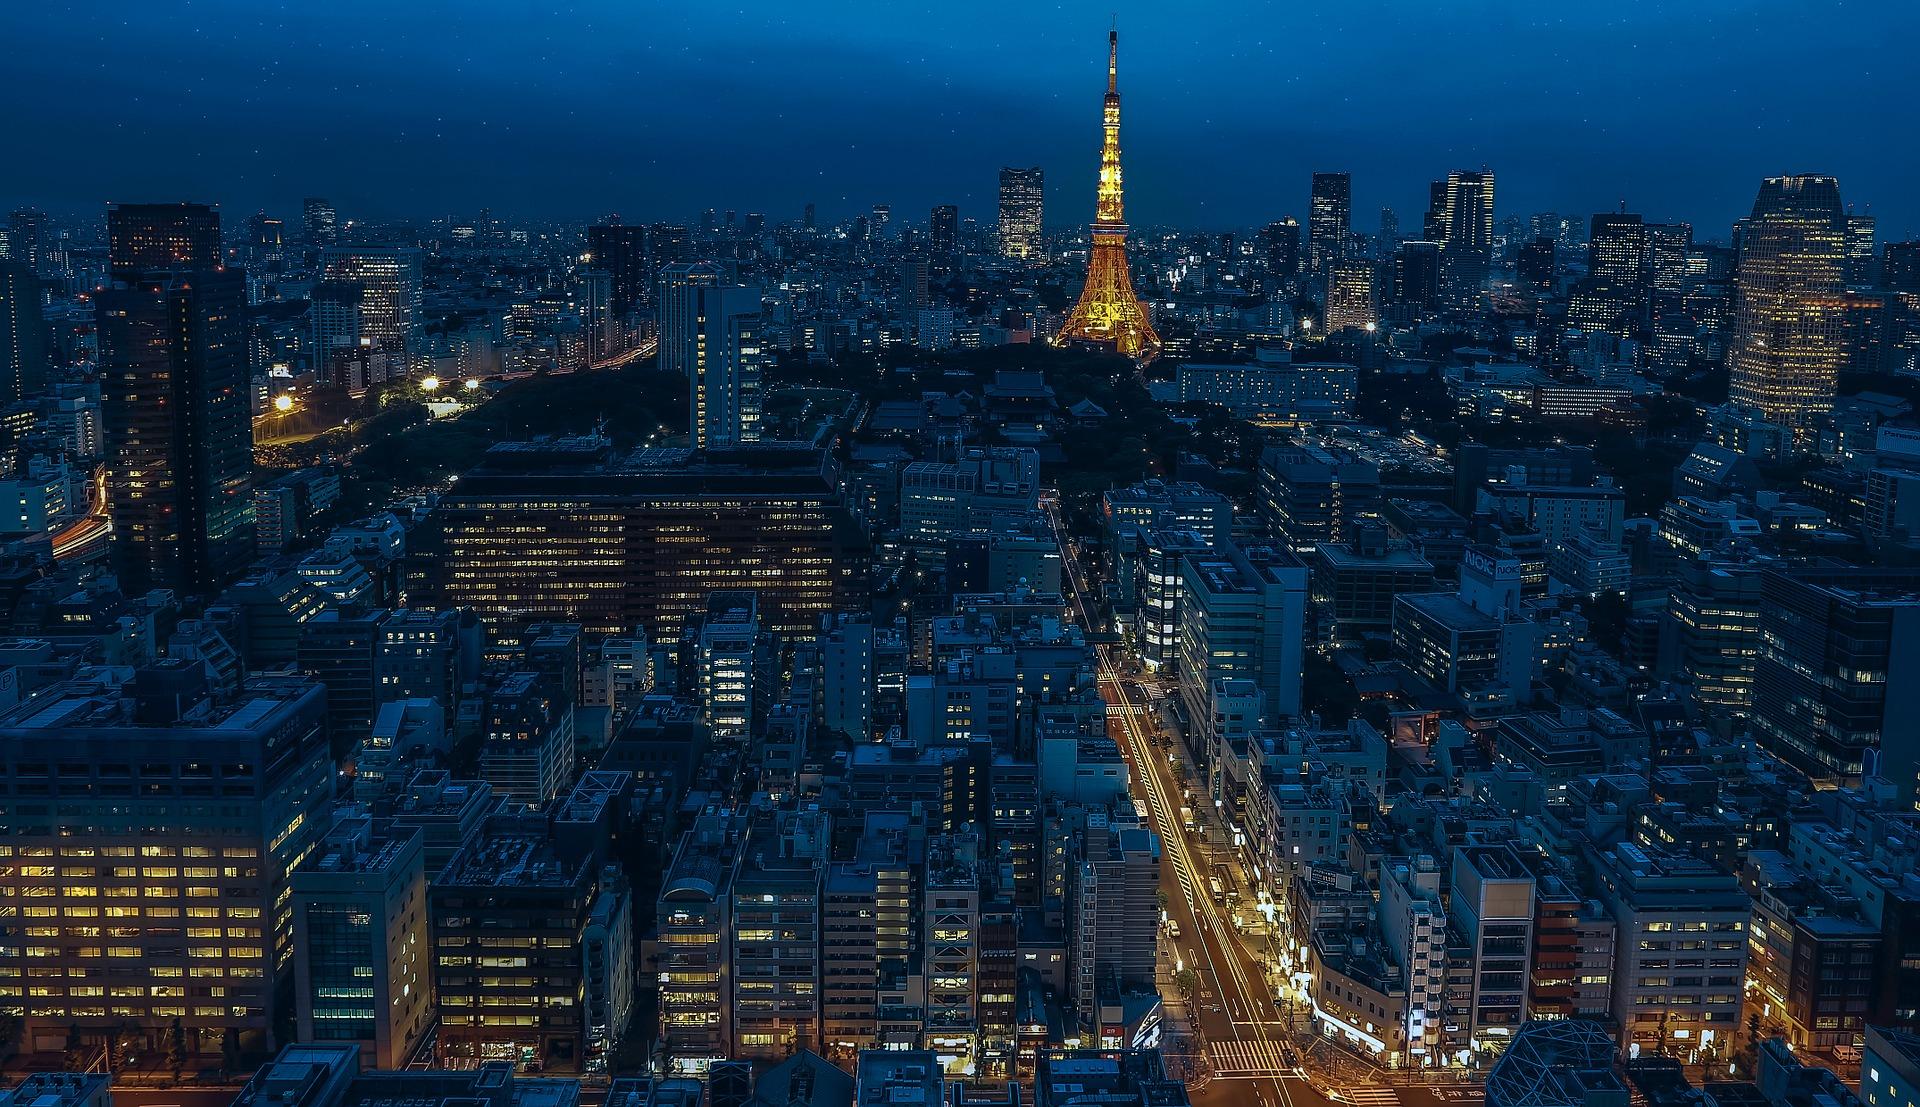 Tokyo, capital of Japan at night